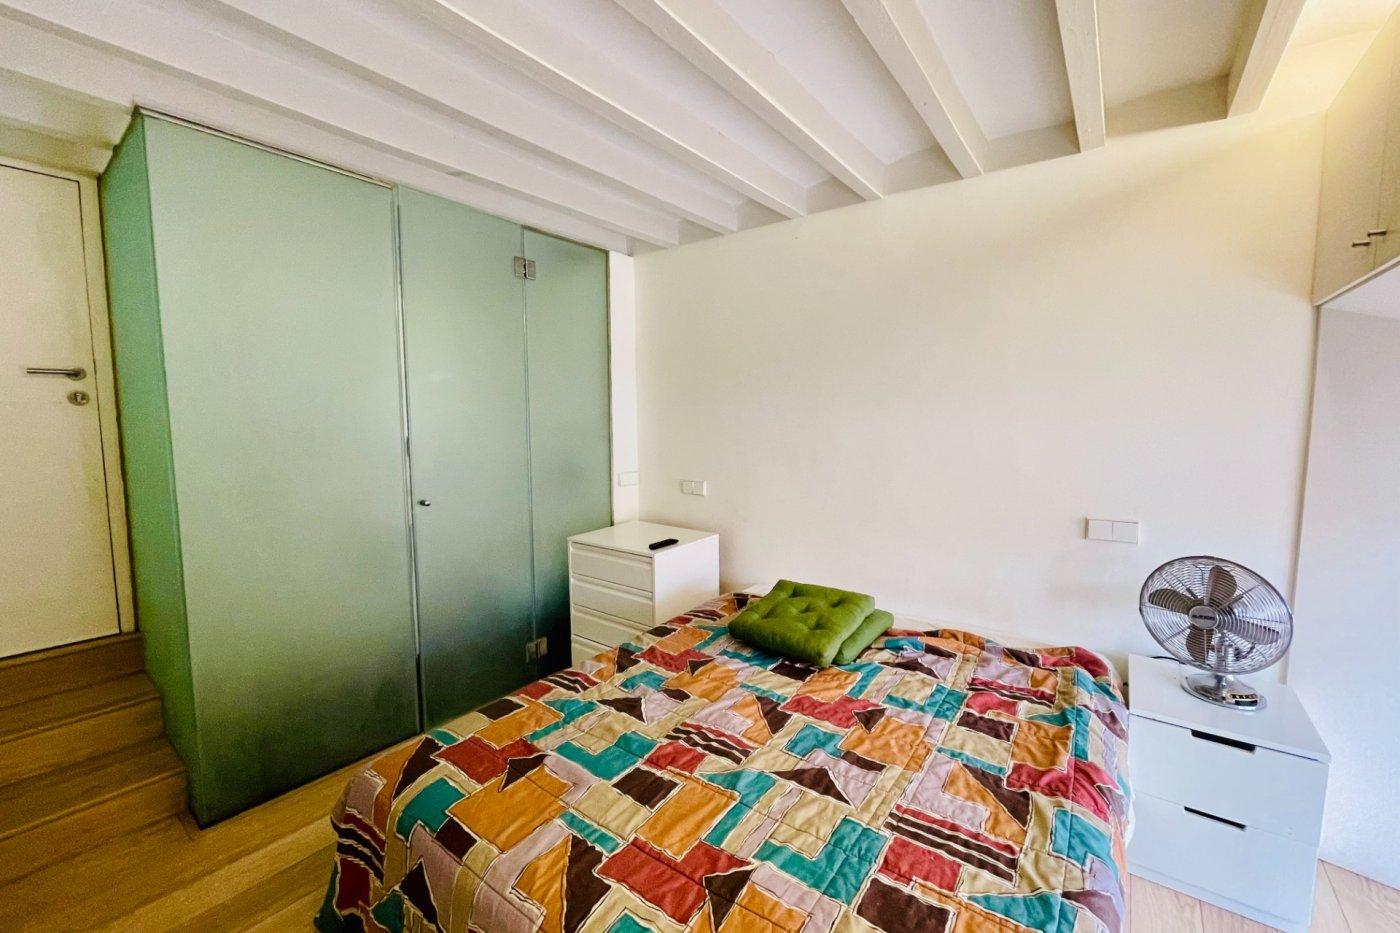 Céntrica oficina   de 16 m² totalmente reformado y muy luminoso en avenida portugal - imagenInmueble1